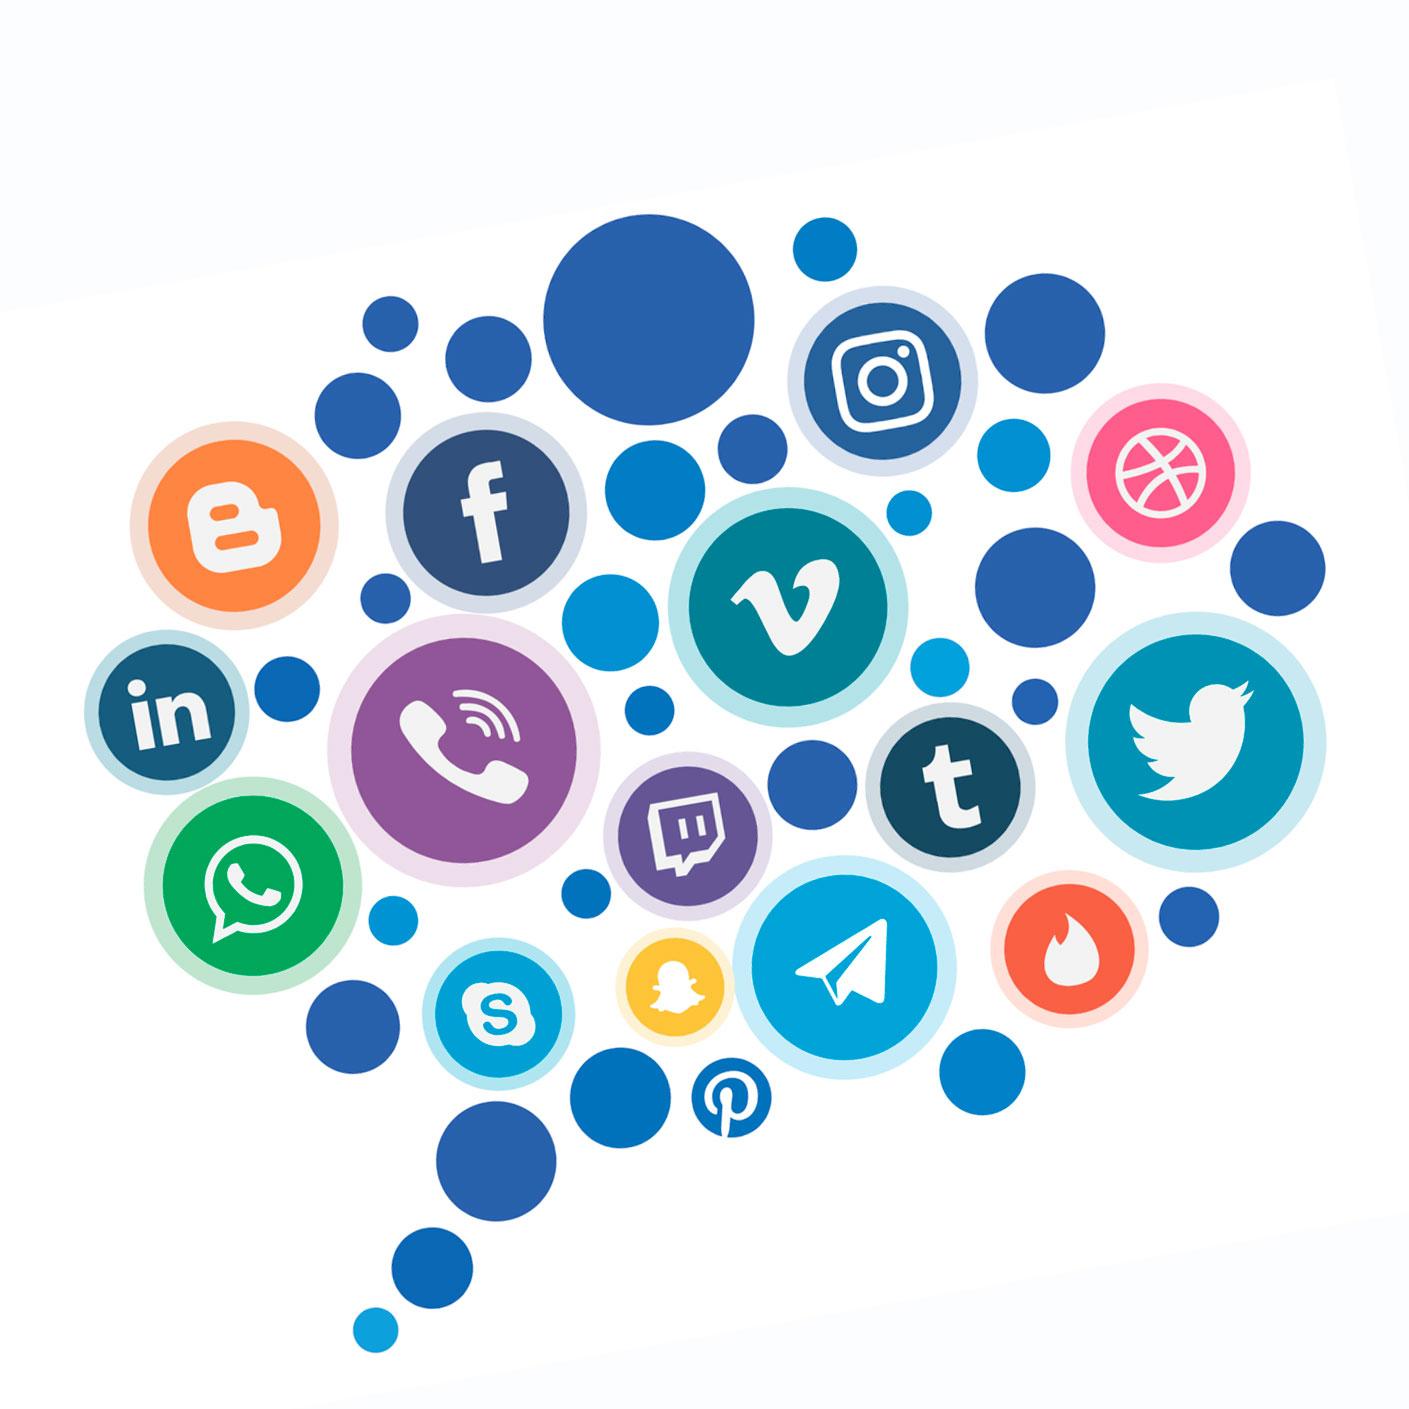 Какие потребности человека реализуют соцсети ? Доклад по обществознанию. 8 класс.